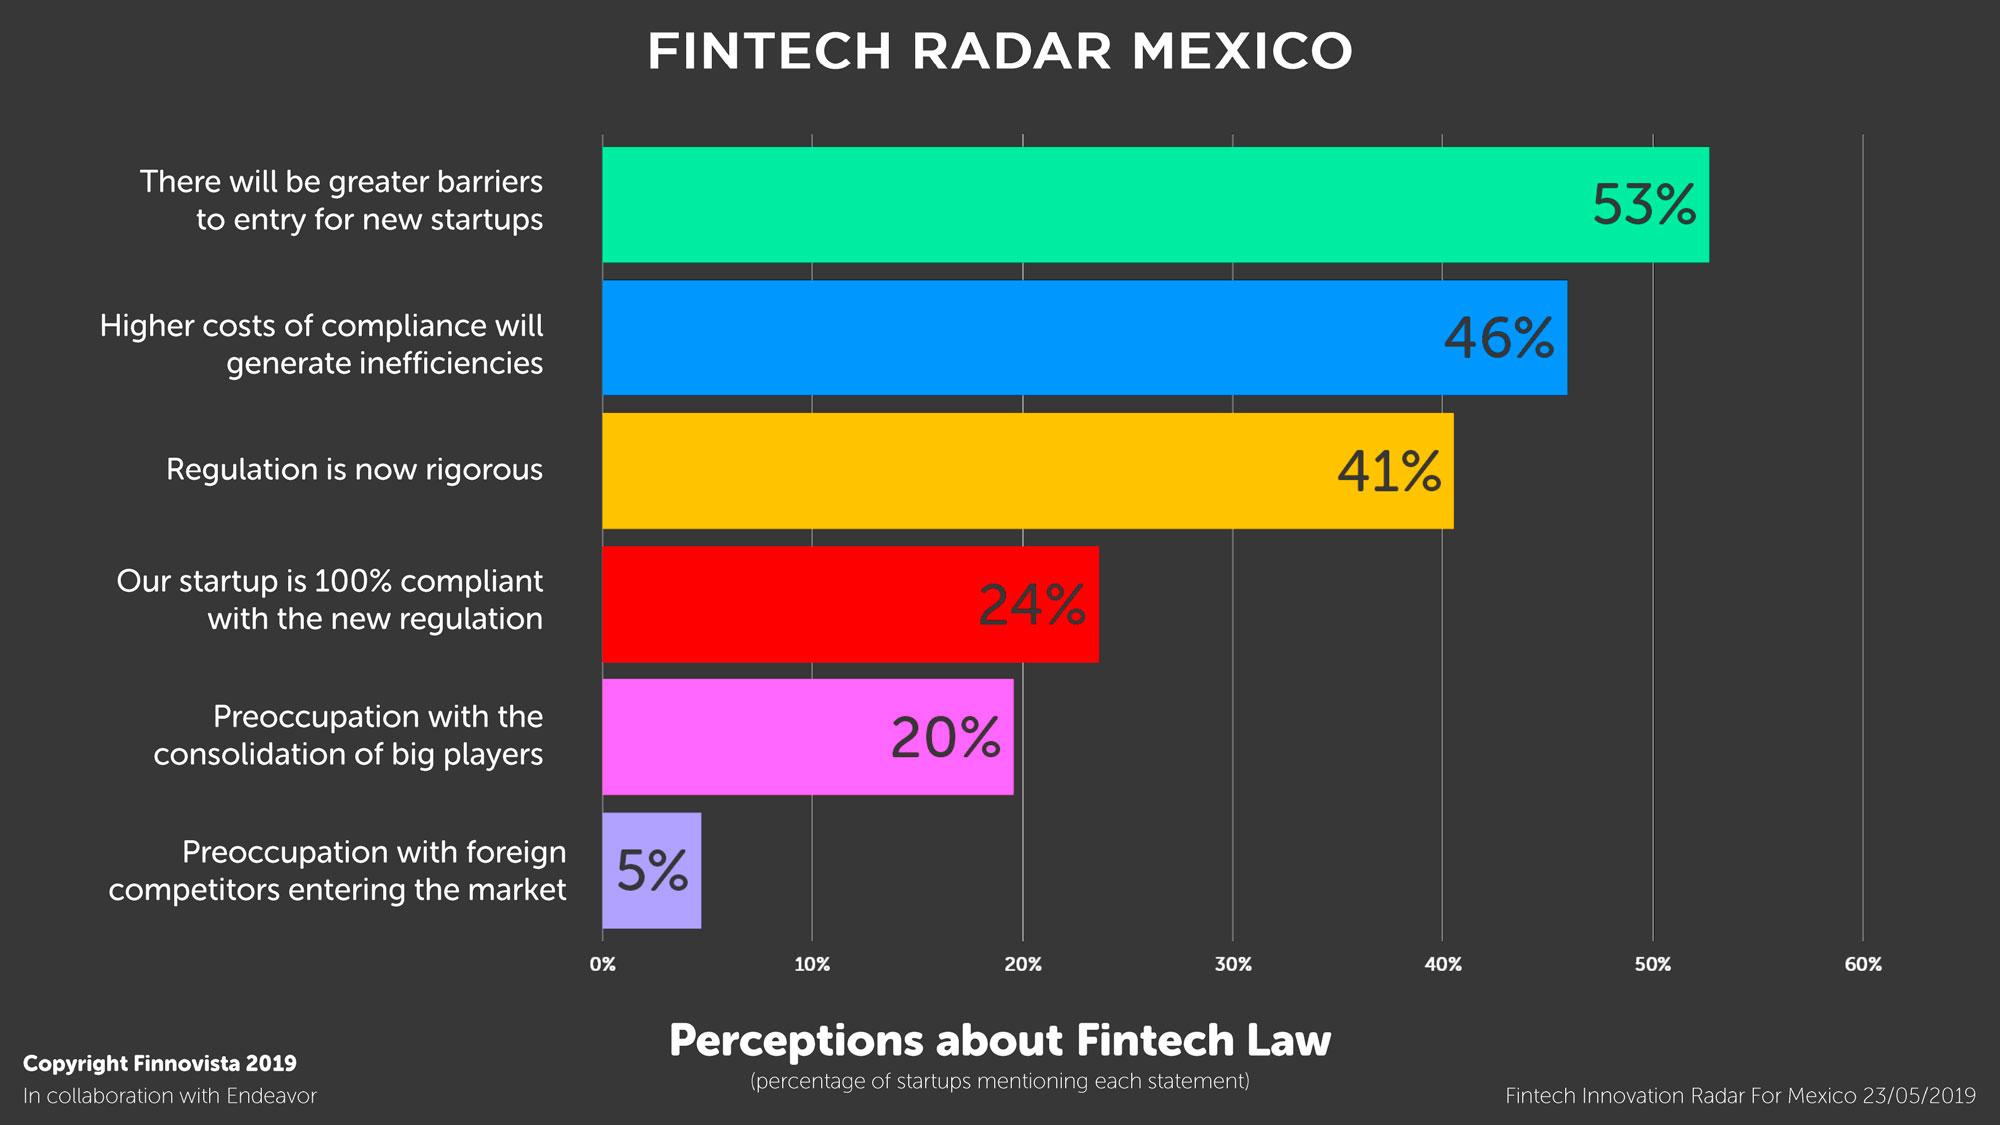 11-Graficos-Fintech-Radar-Mexico-1-10